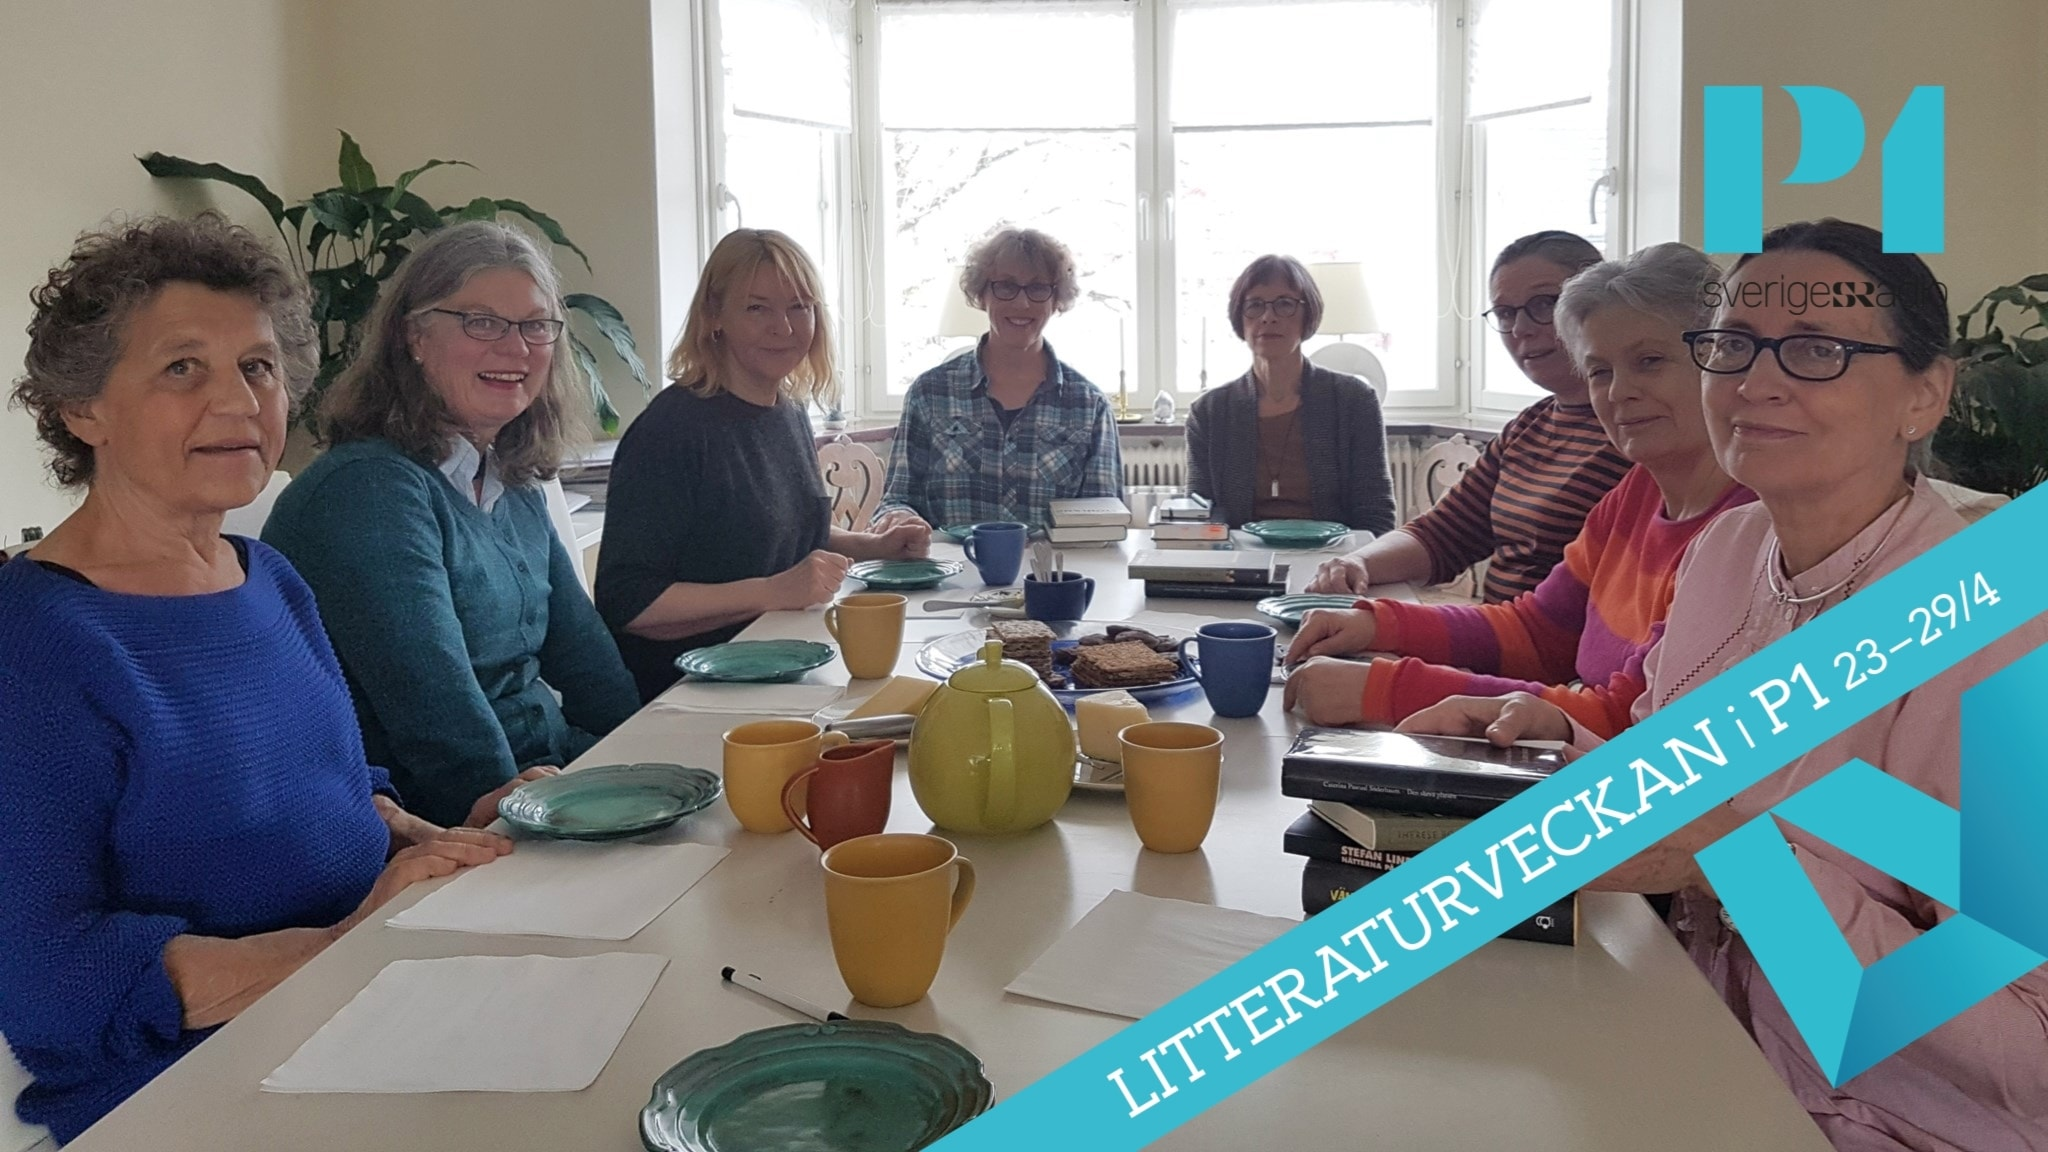 Inför Litteraturveckan: Möt bokcirkeln Astrid